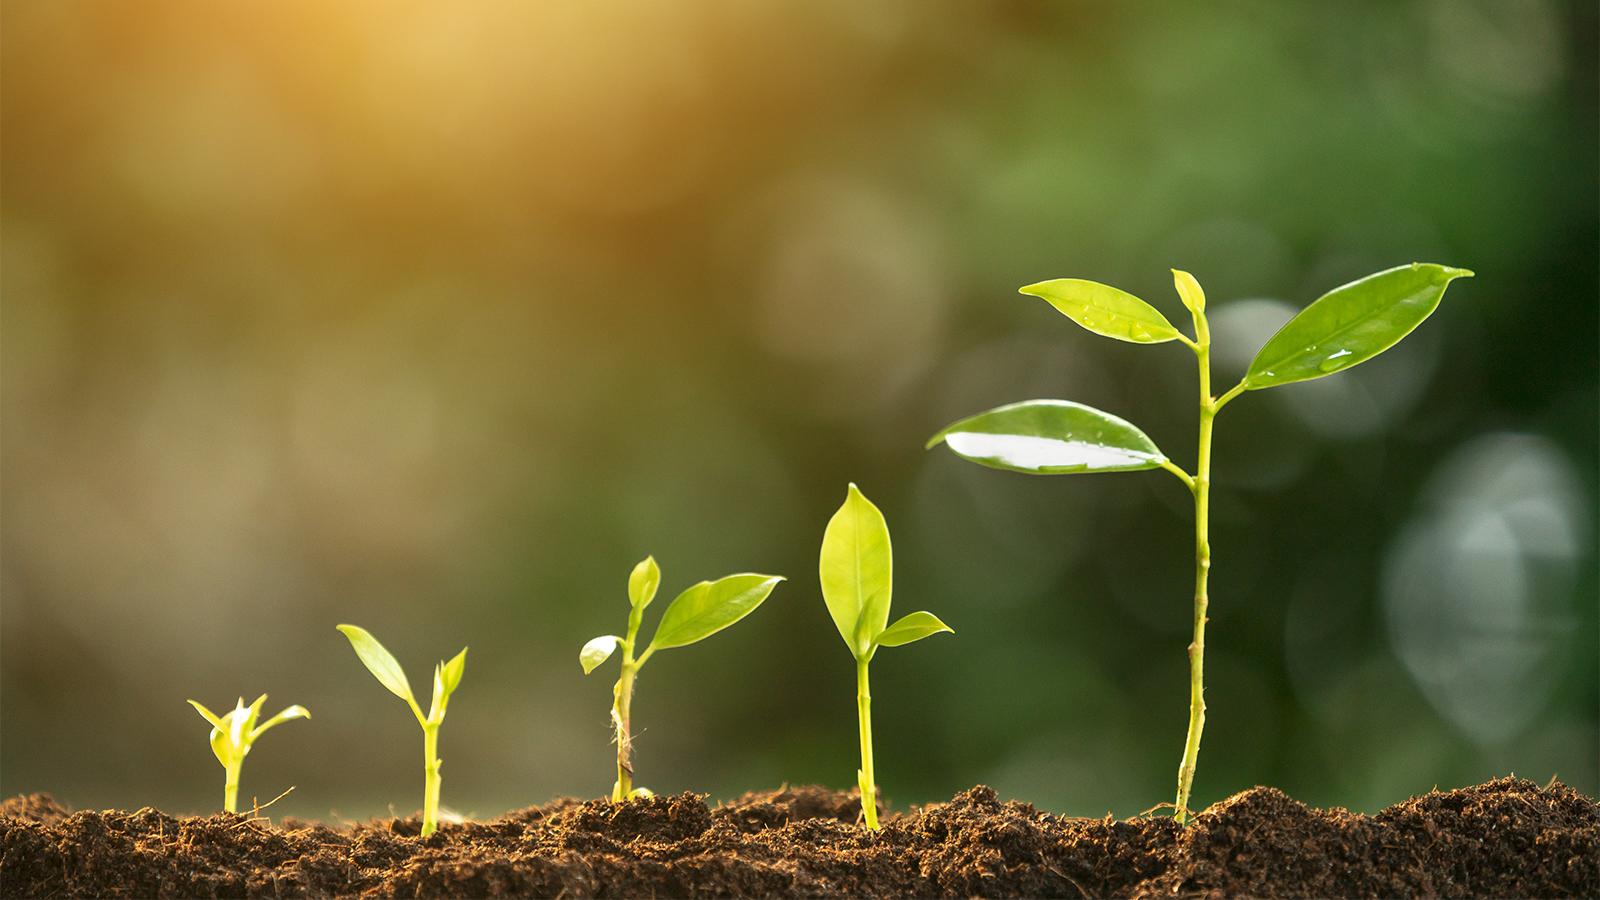 Se abre una puerta al 'rediseño' de la fotosíntesis de cultivos para  mayores rendimientos agrícolas - ChileBIO